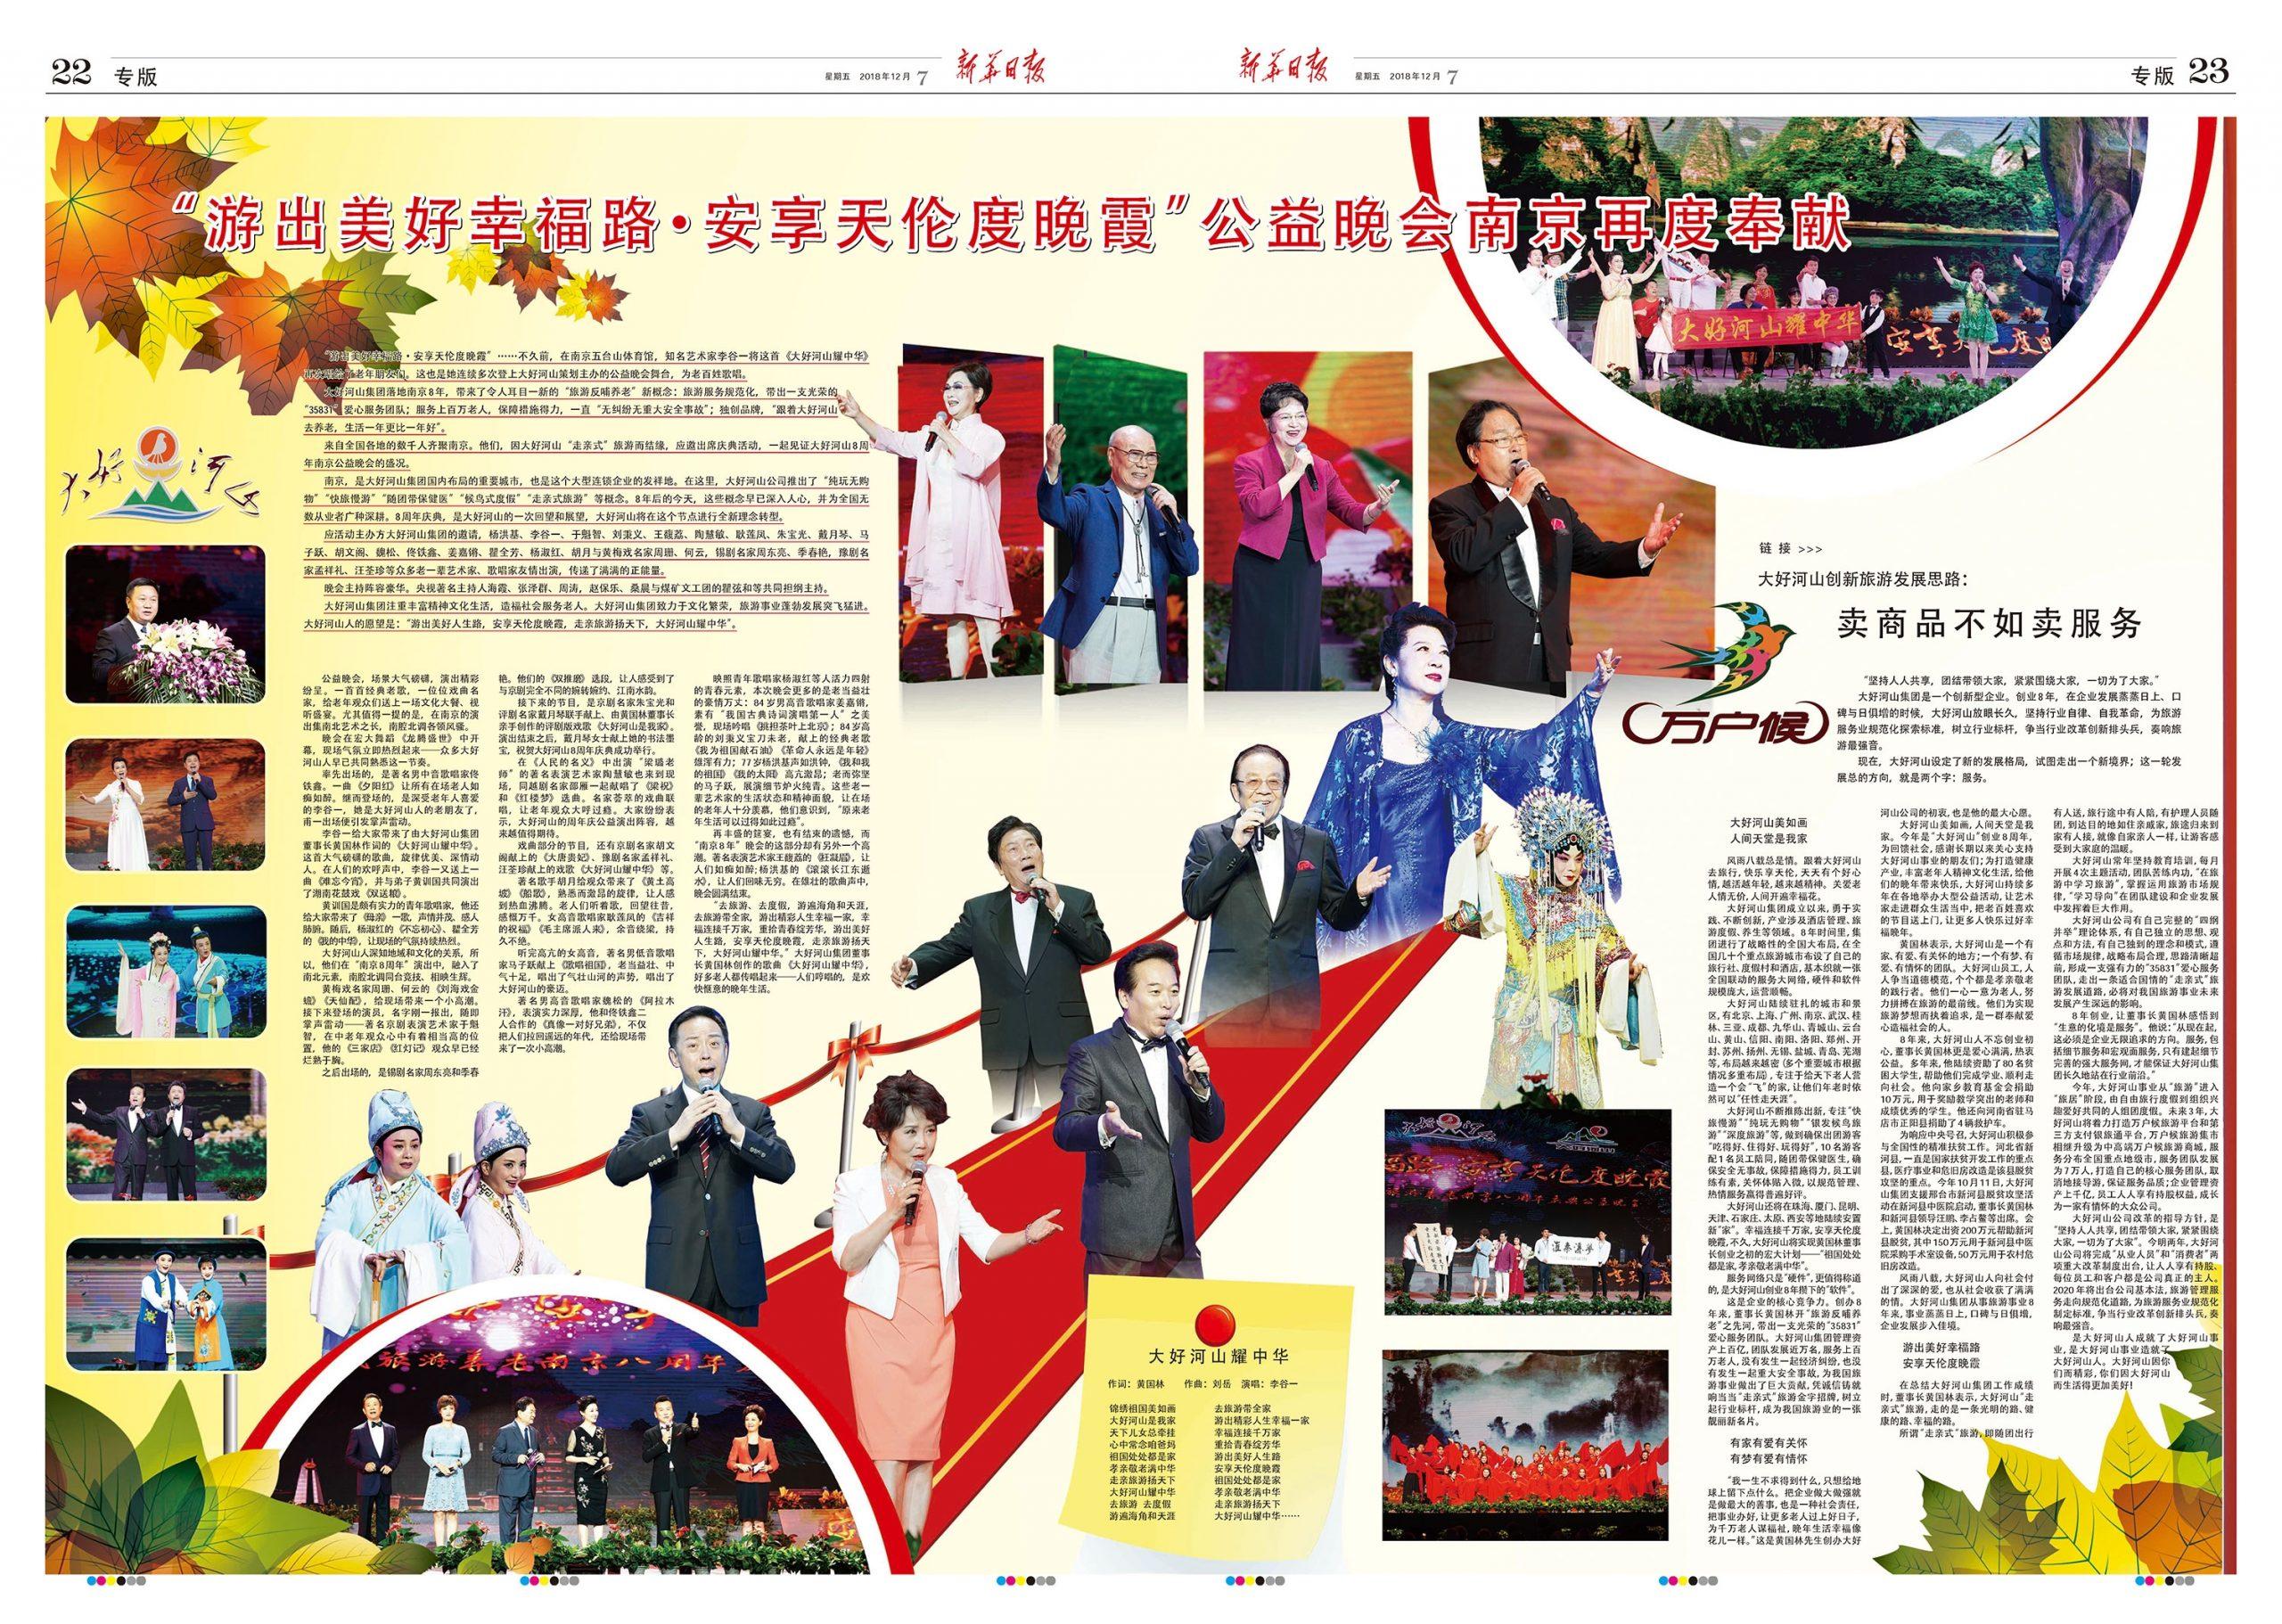 新华日报 2018-12-07 专版22-23